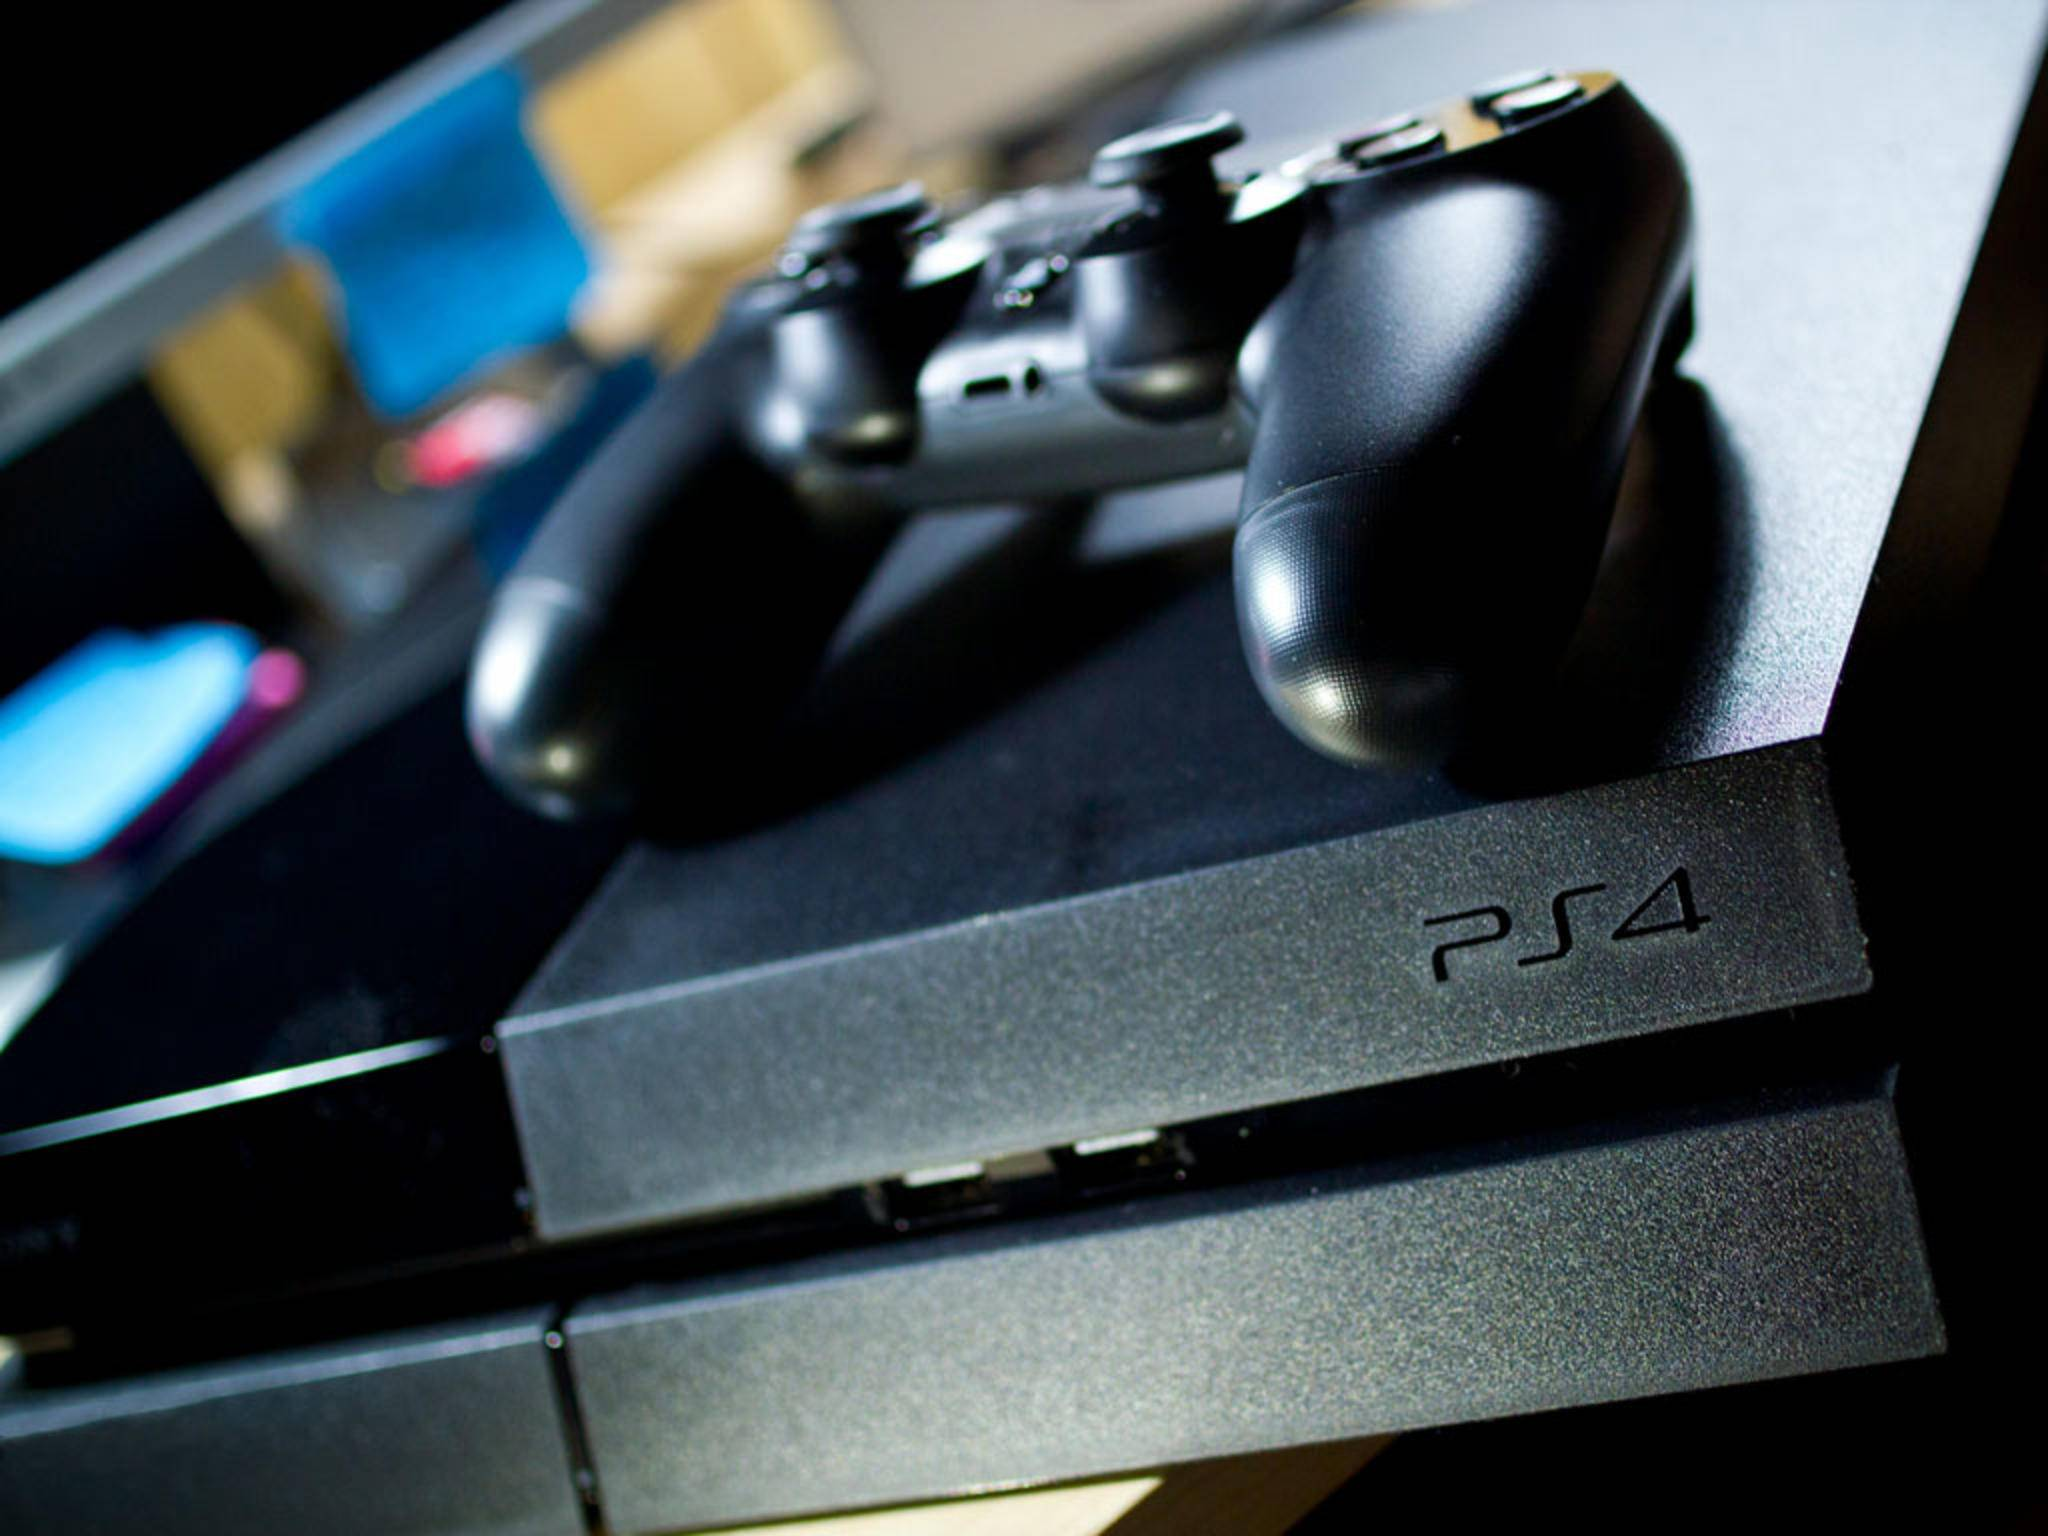 Sony wird vermutlich auf der E3 neue PlayStation-Modelle vorstellen.